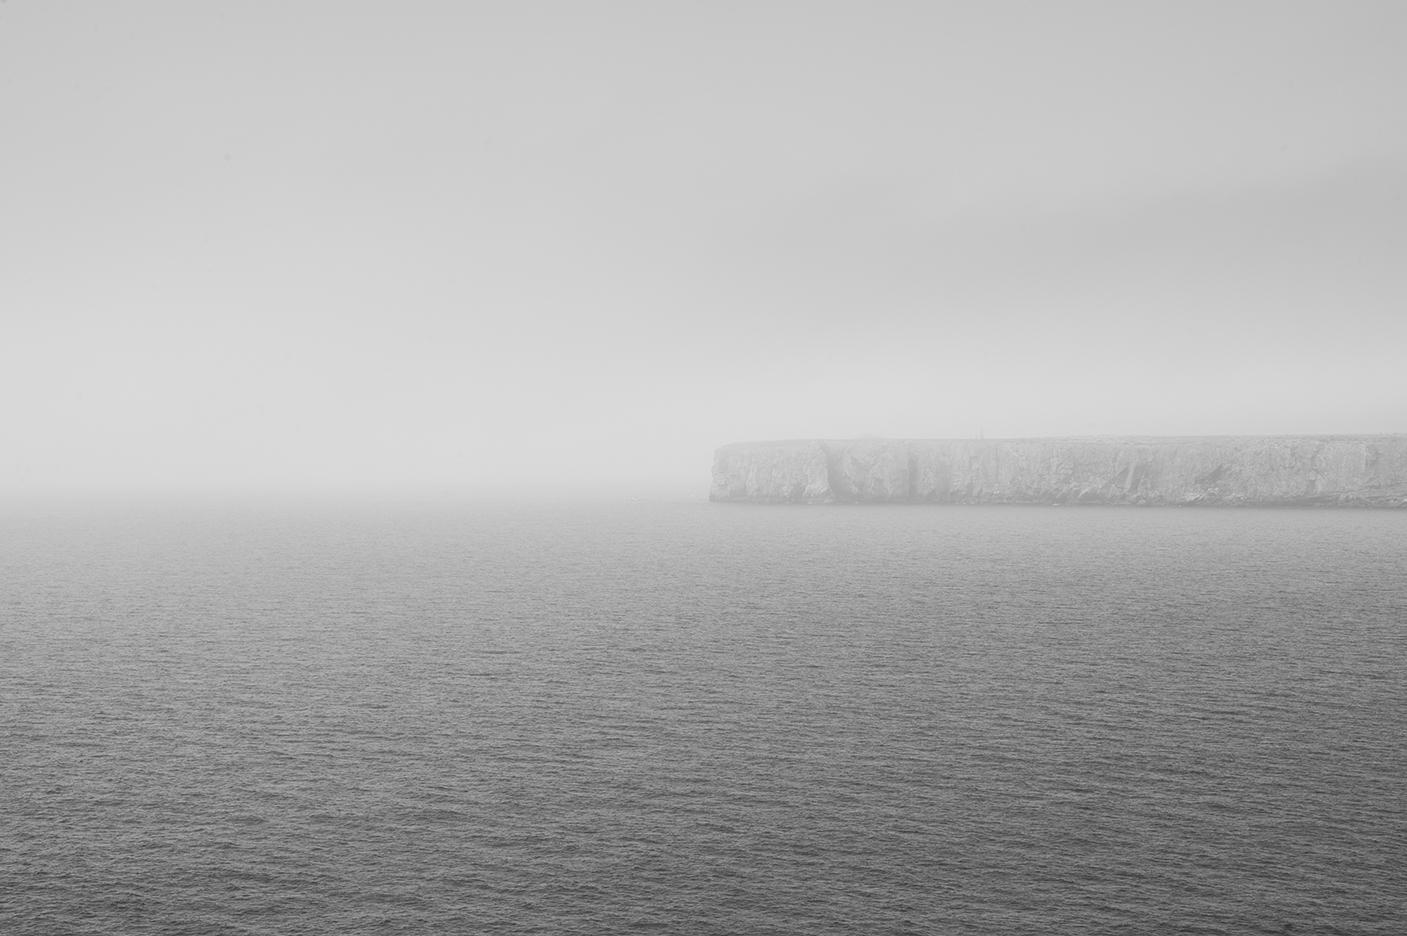 Fortaleza da Sagres, Sagres fort, Portugal; Home, Krajobraz